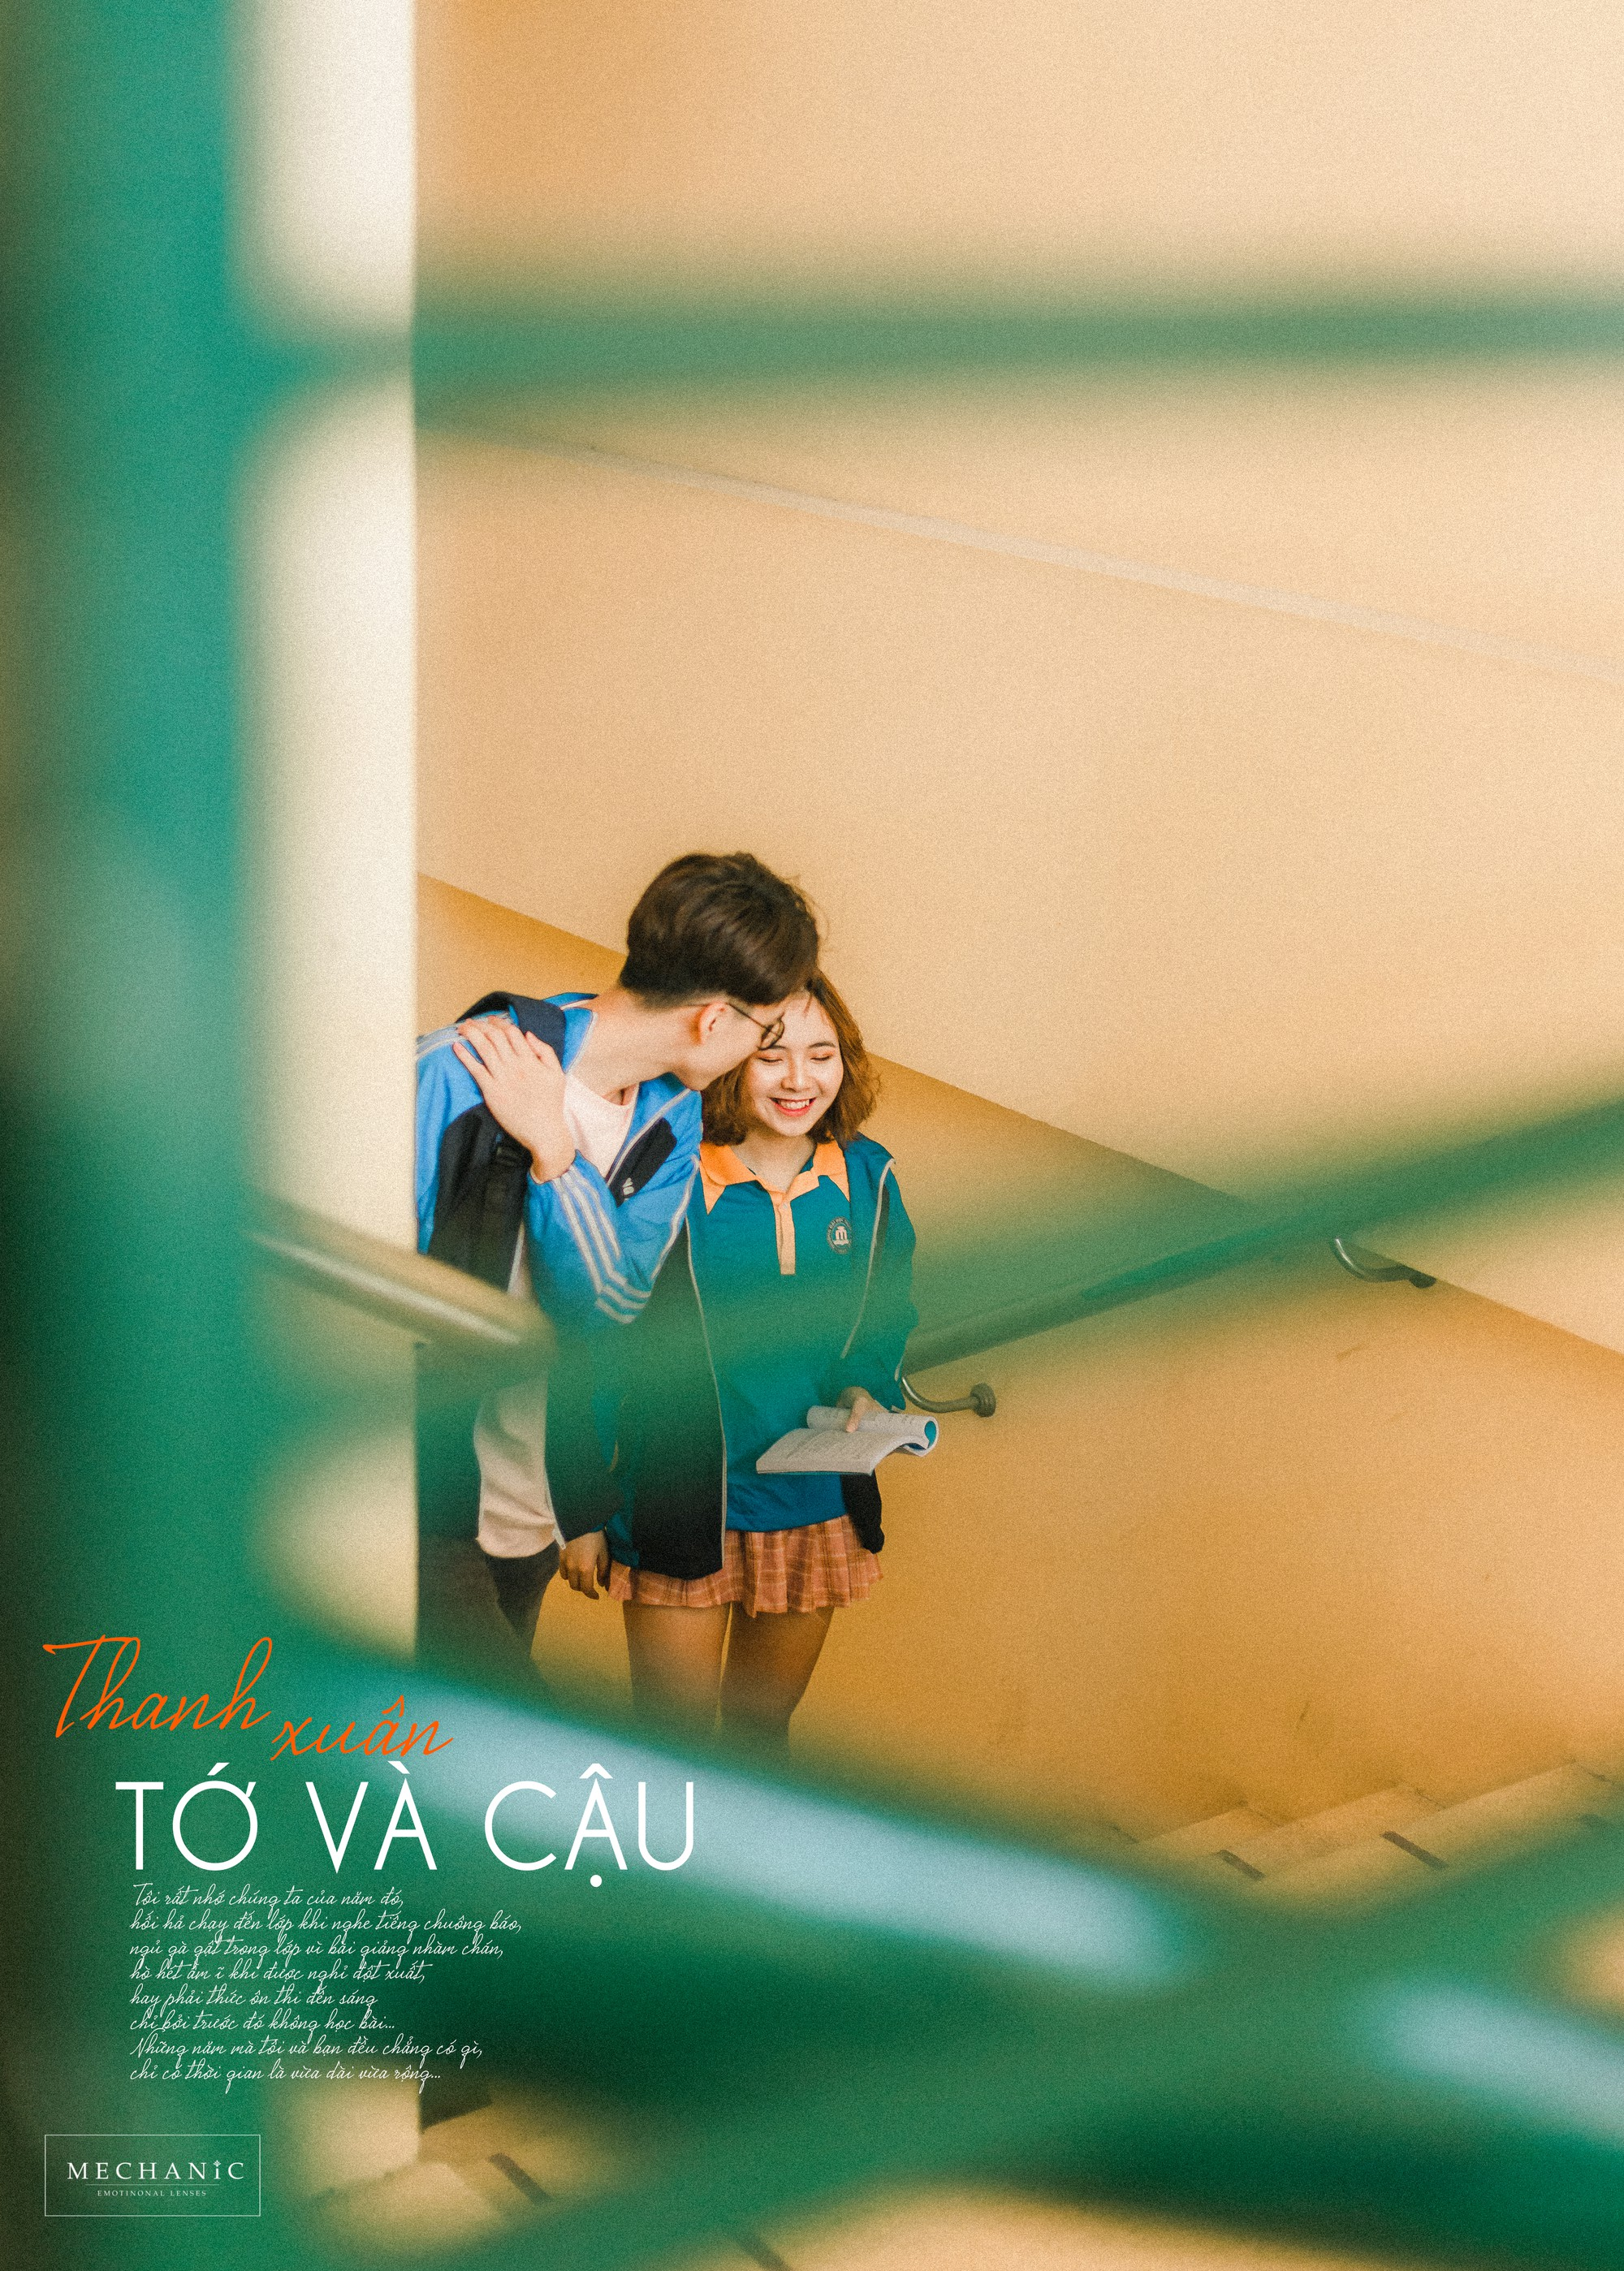 Mặc đồng phục, chụp ảnh ở những góc quen thuộc của trường, cặp đôi 10x cho ra đời bộ ảnh lãng mạn, tình bể bình - Ảnh 7. Cặp đôi 10x cho ra đời bộ ảnh siêu lãng mạn, tình bể bình ngay trường học